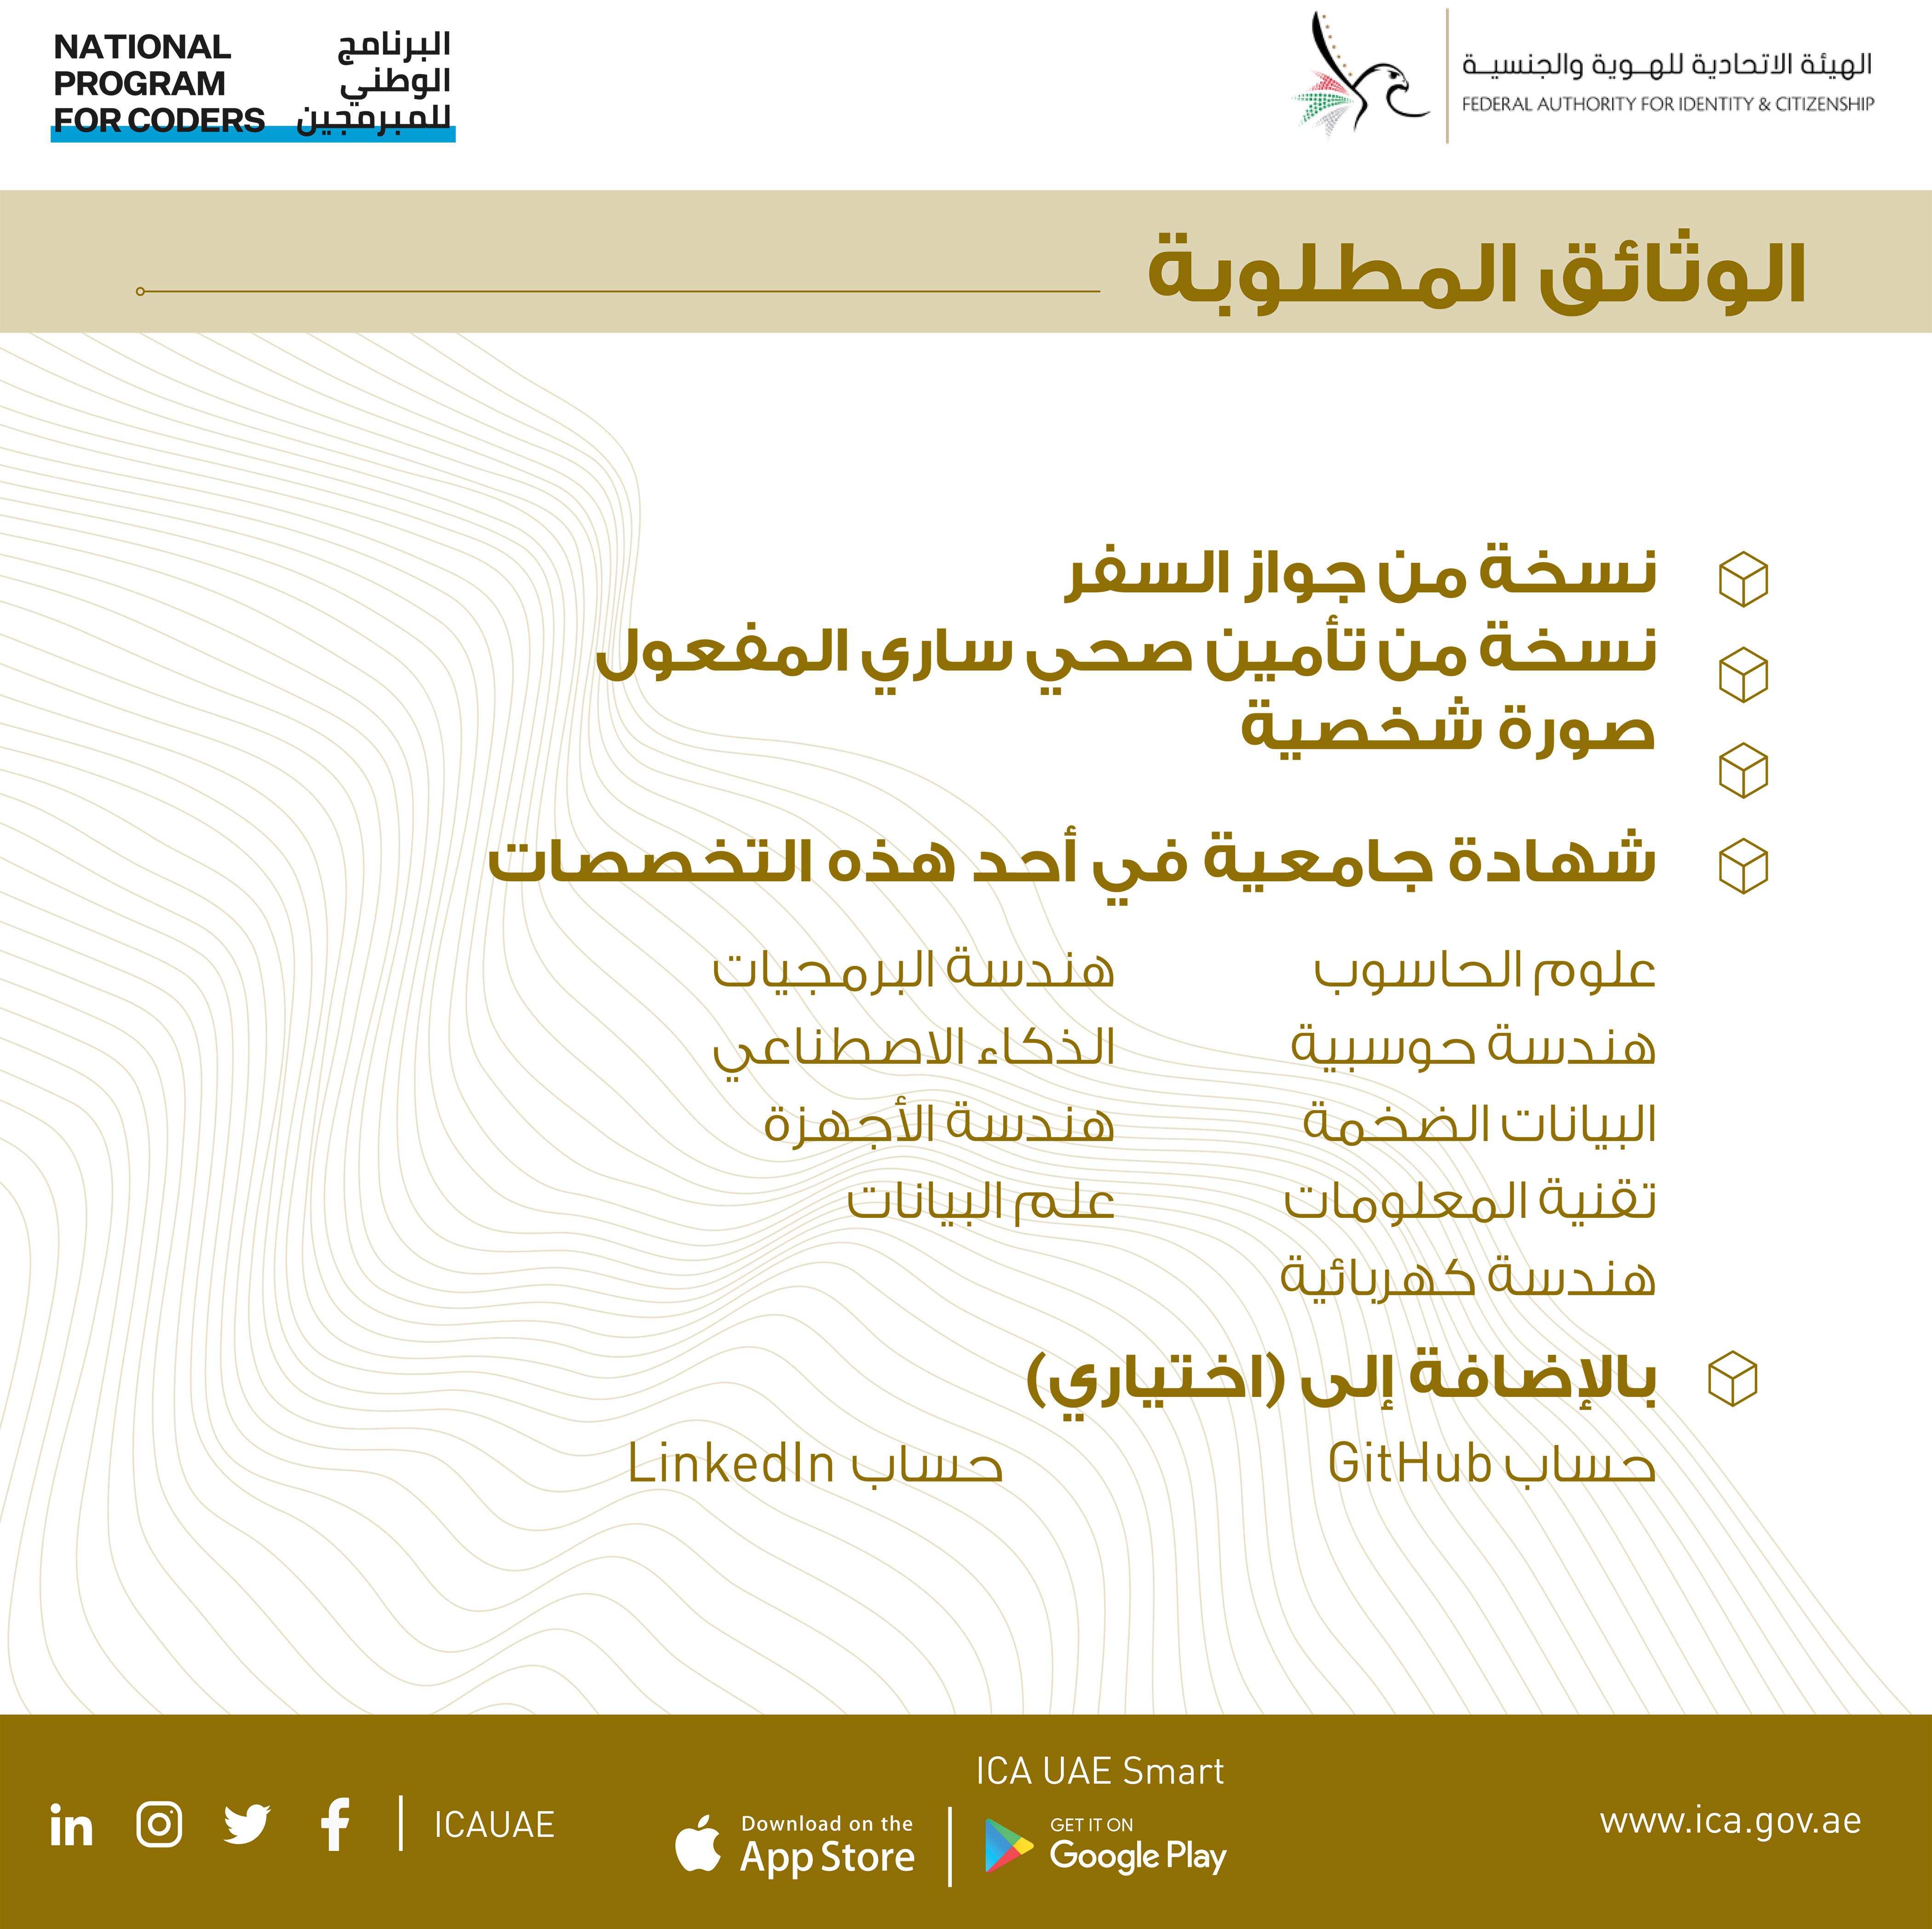 تنفيذا لتوجيهات محمد بن راشد .. الإمارات تمنح الإقامة الذهبية لـ 100 ألف مبرمج حول العالم